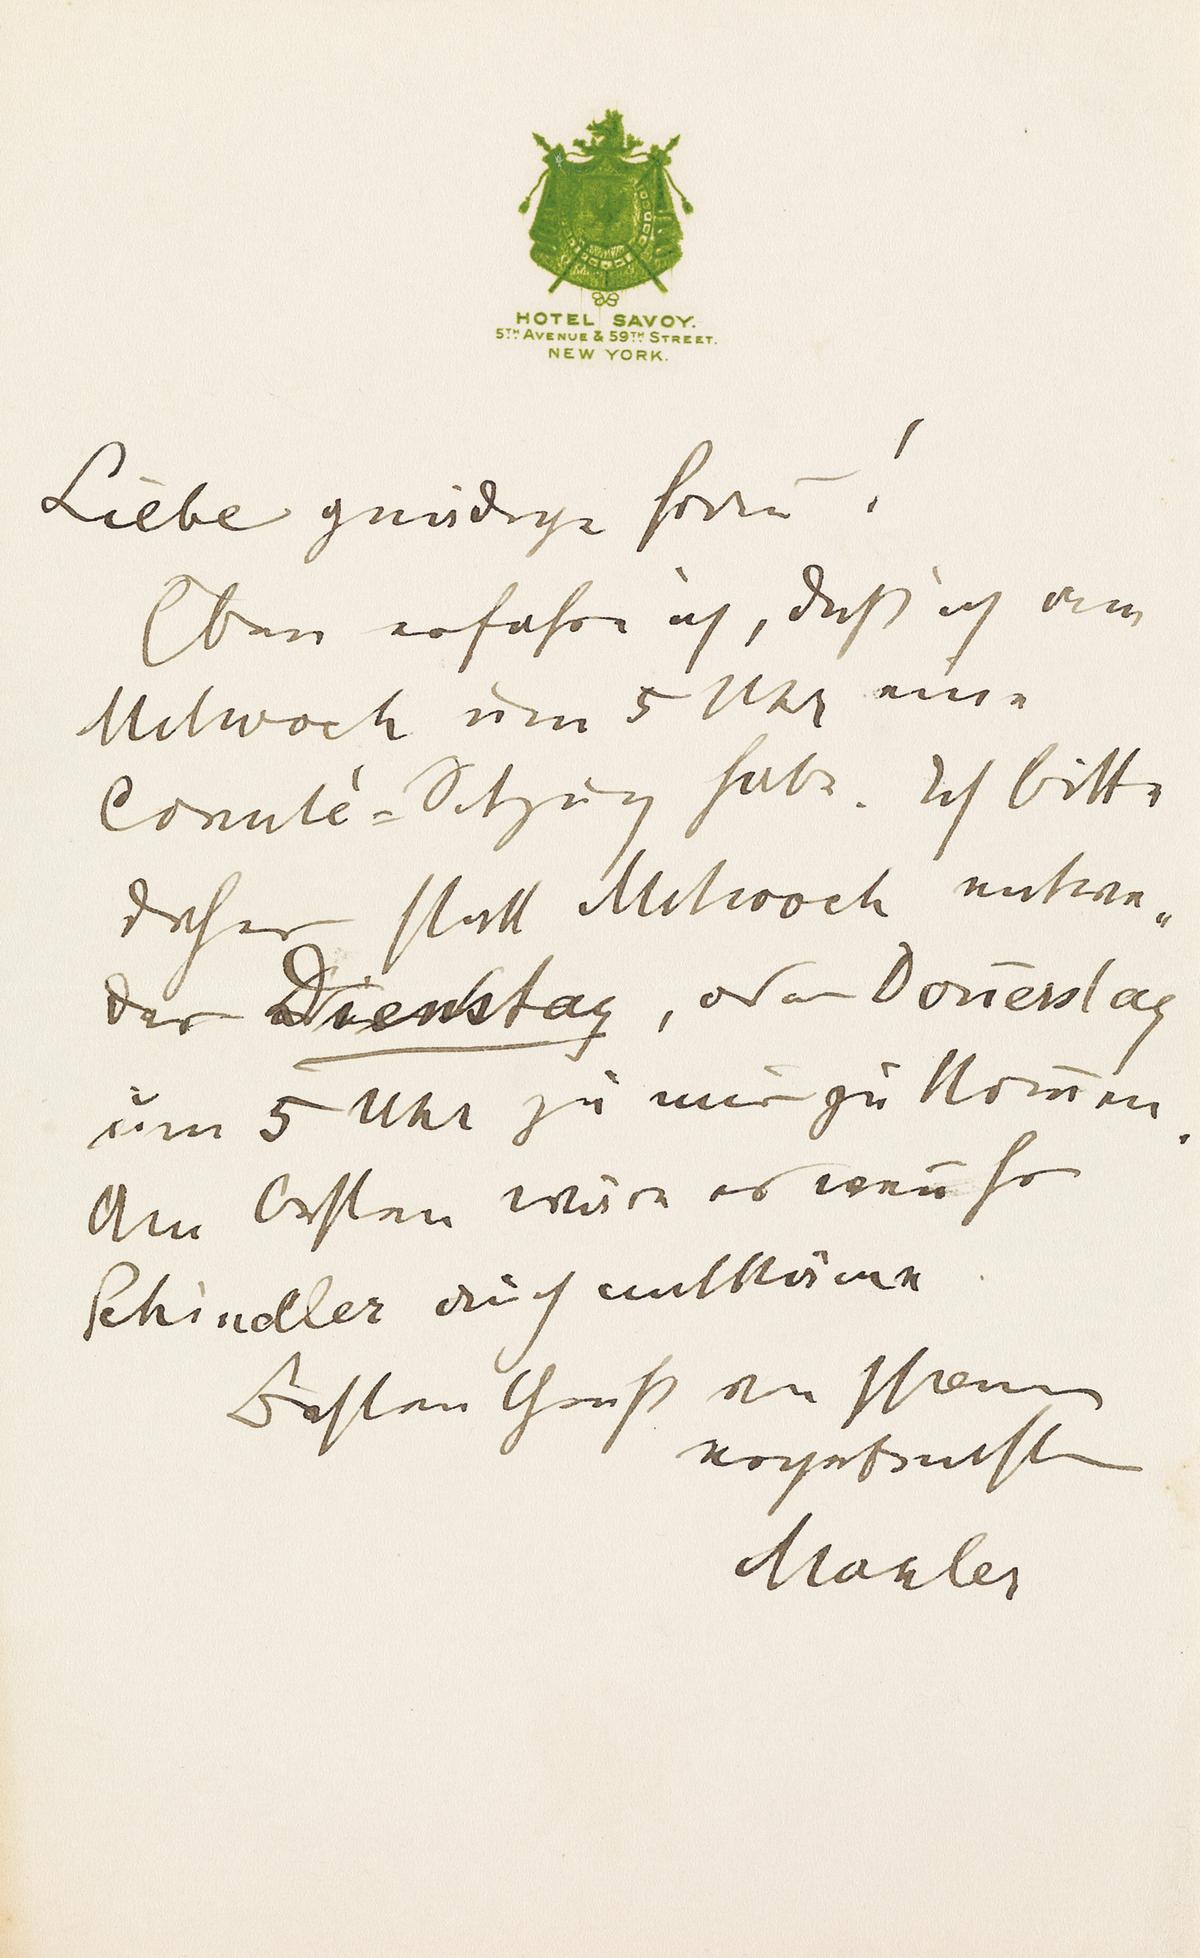 MAHLER IN NEW YORK GUSTAV MAHLER. Autograph Letter Signed, Mahler, to Dear esteemed Madam, in German,...